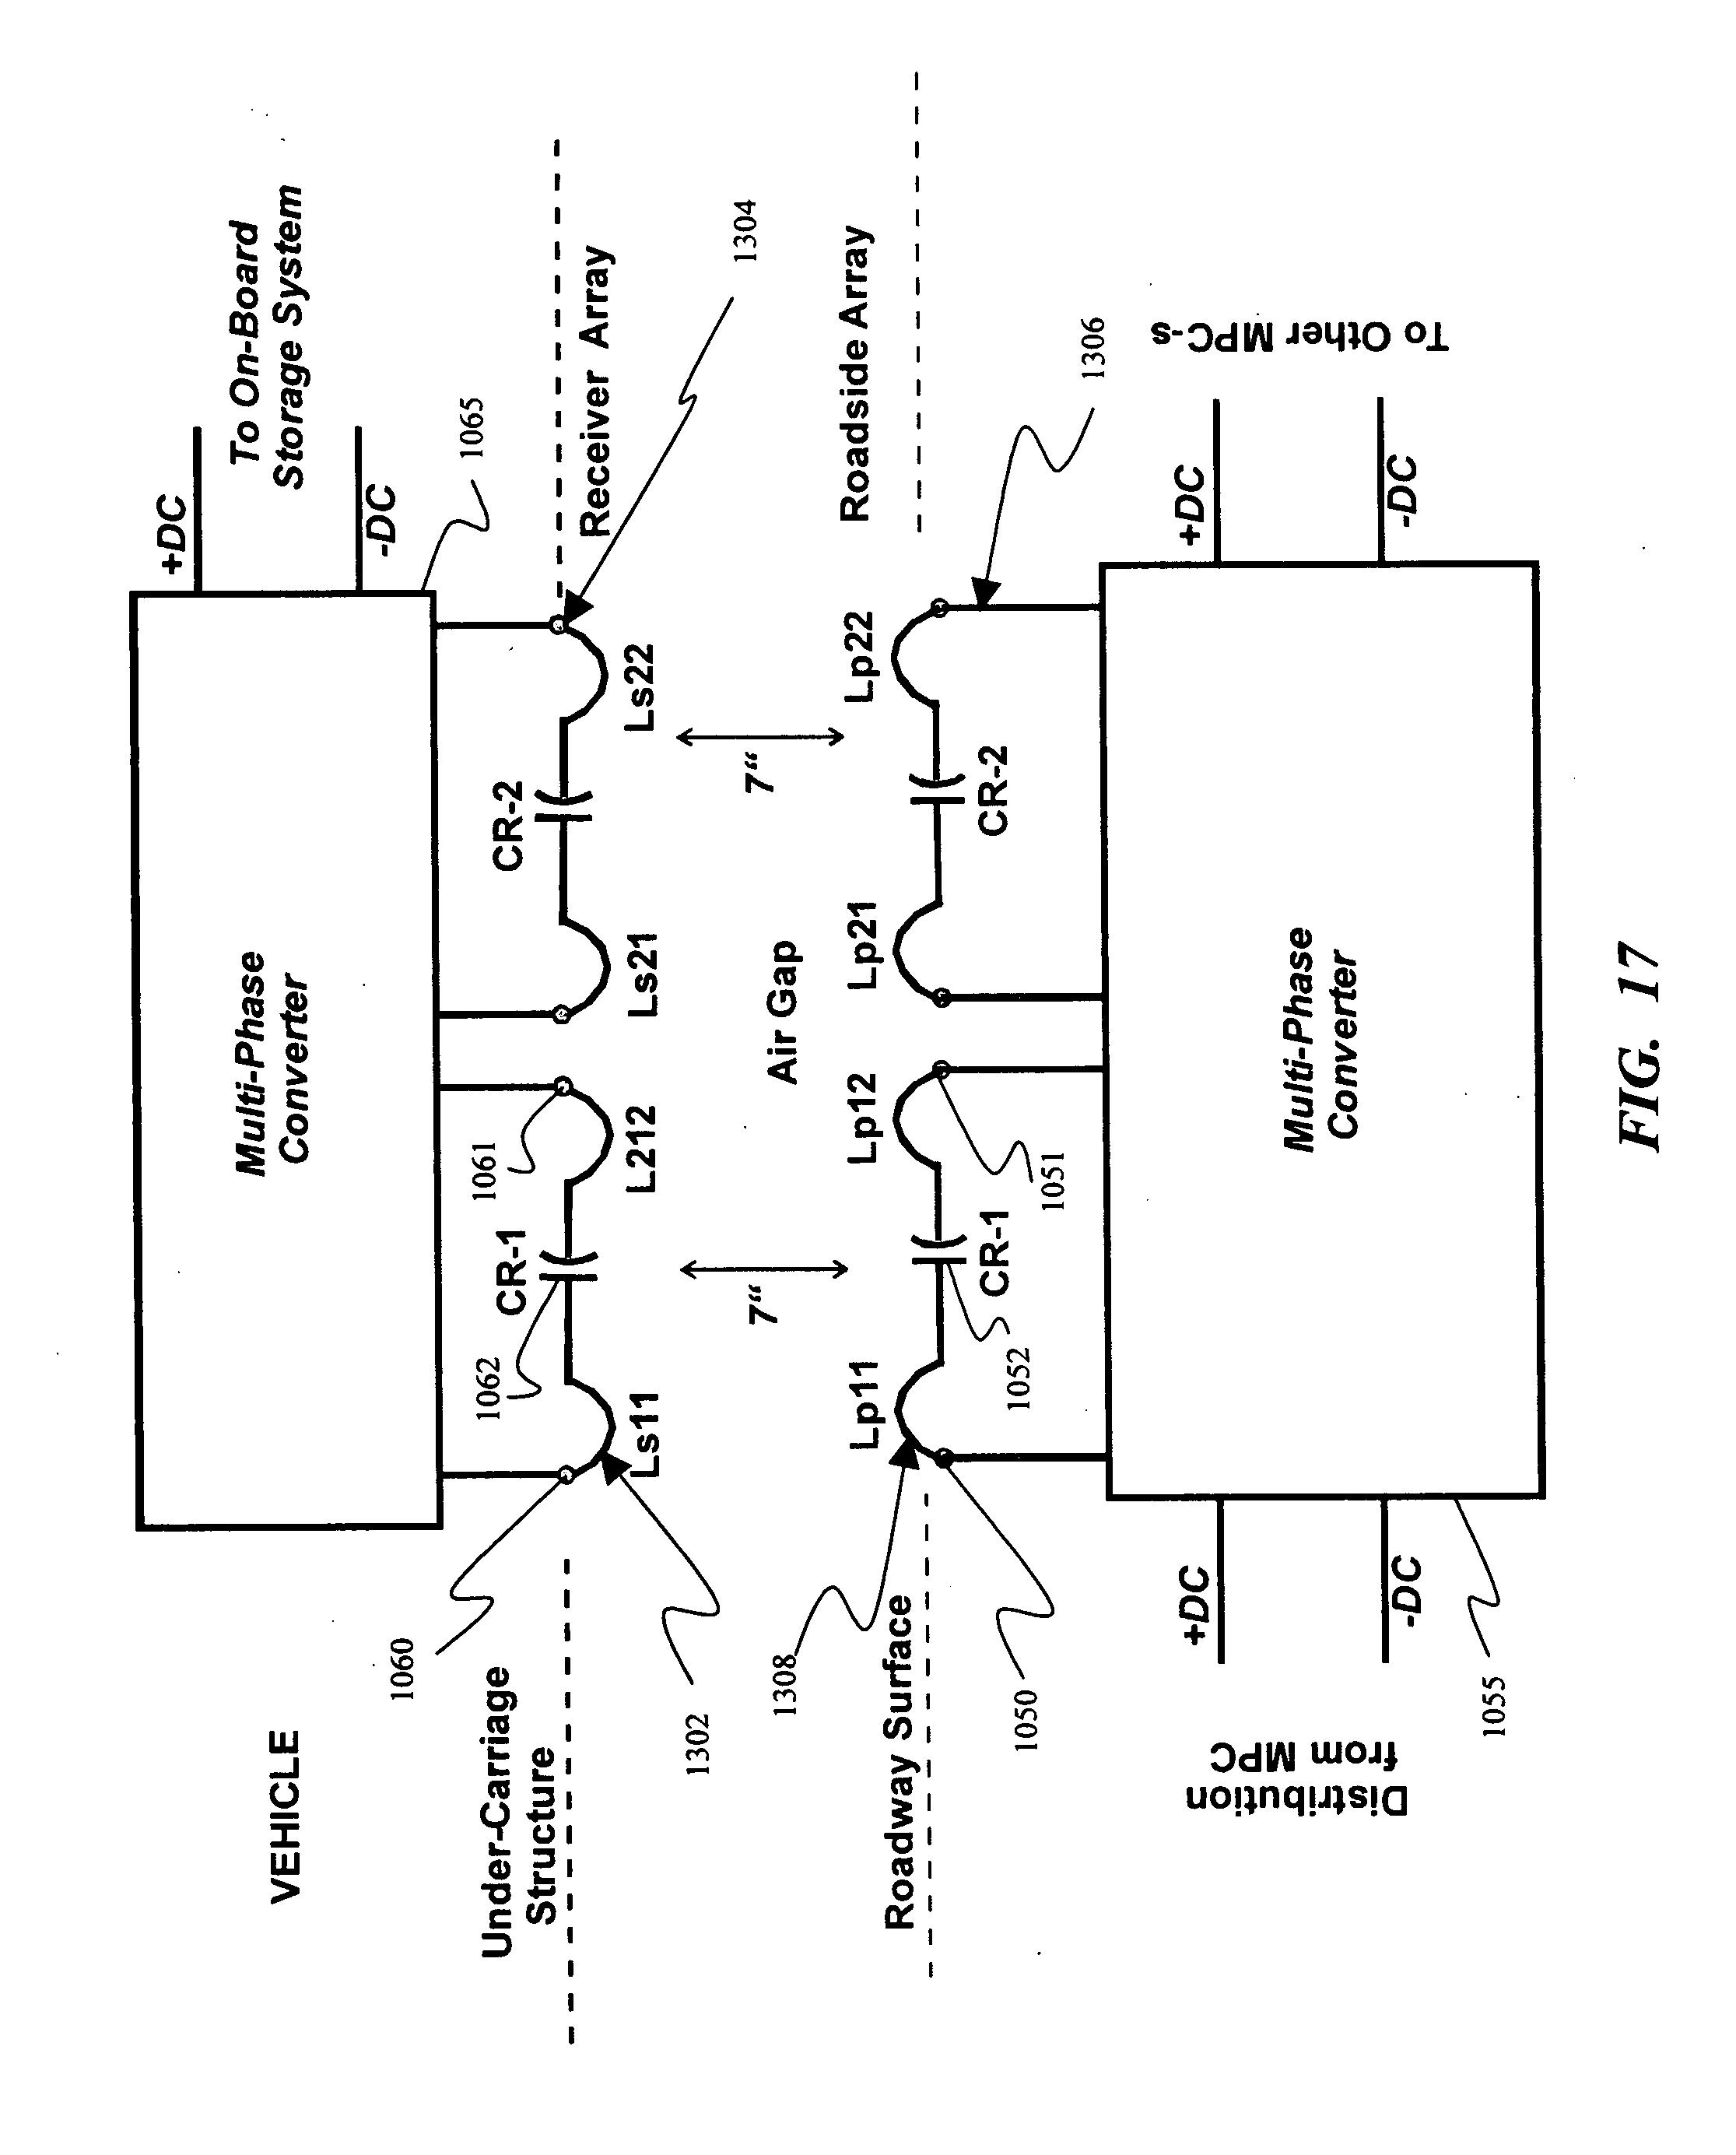 patent us20080265684